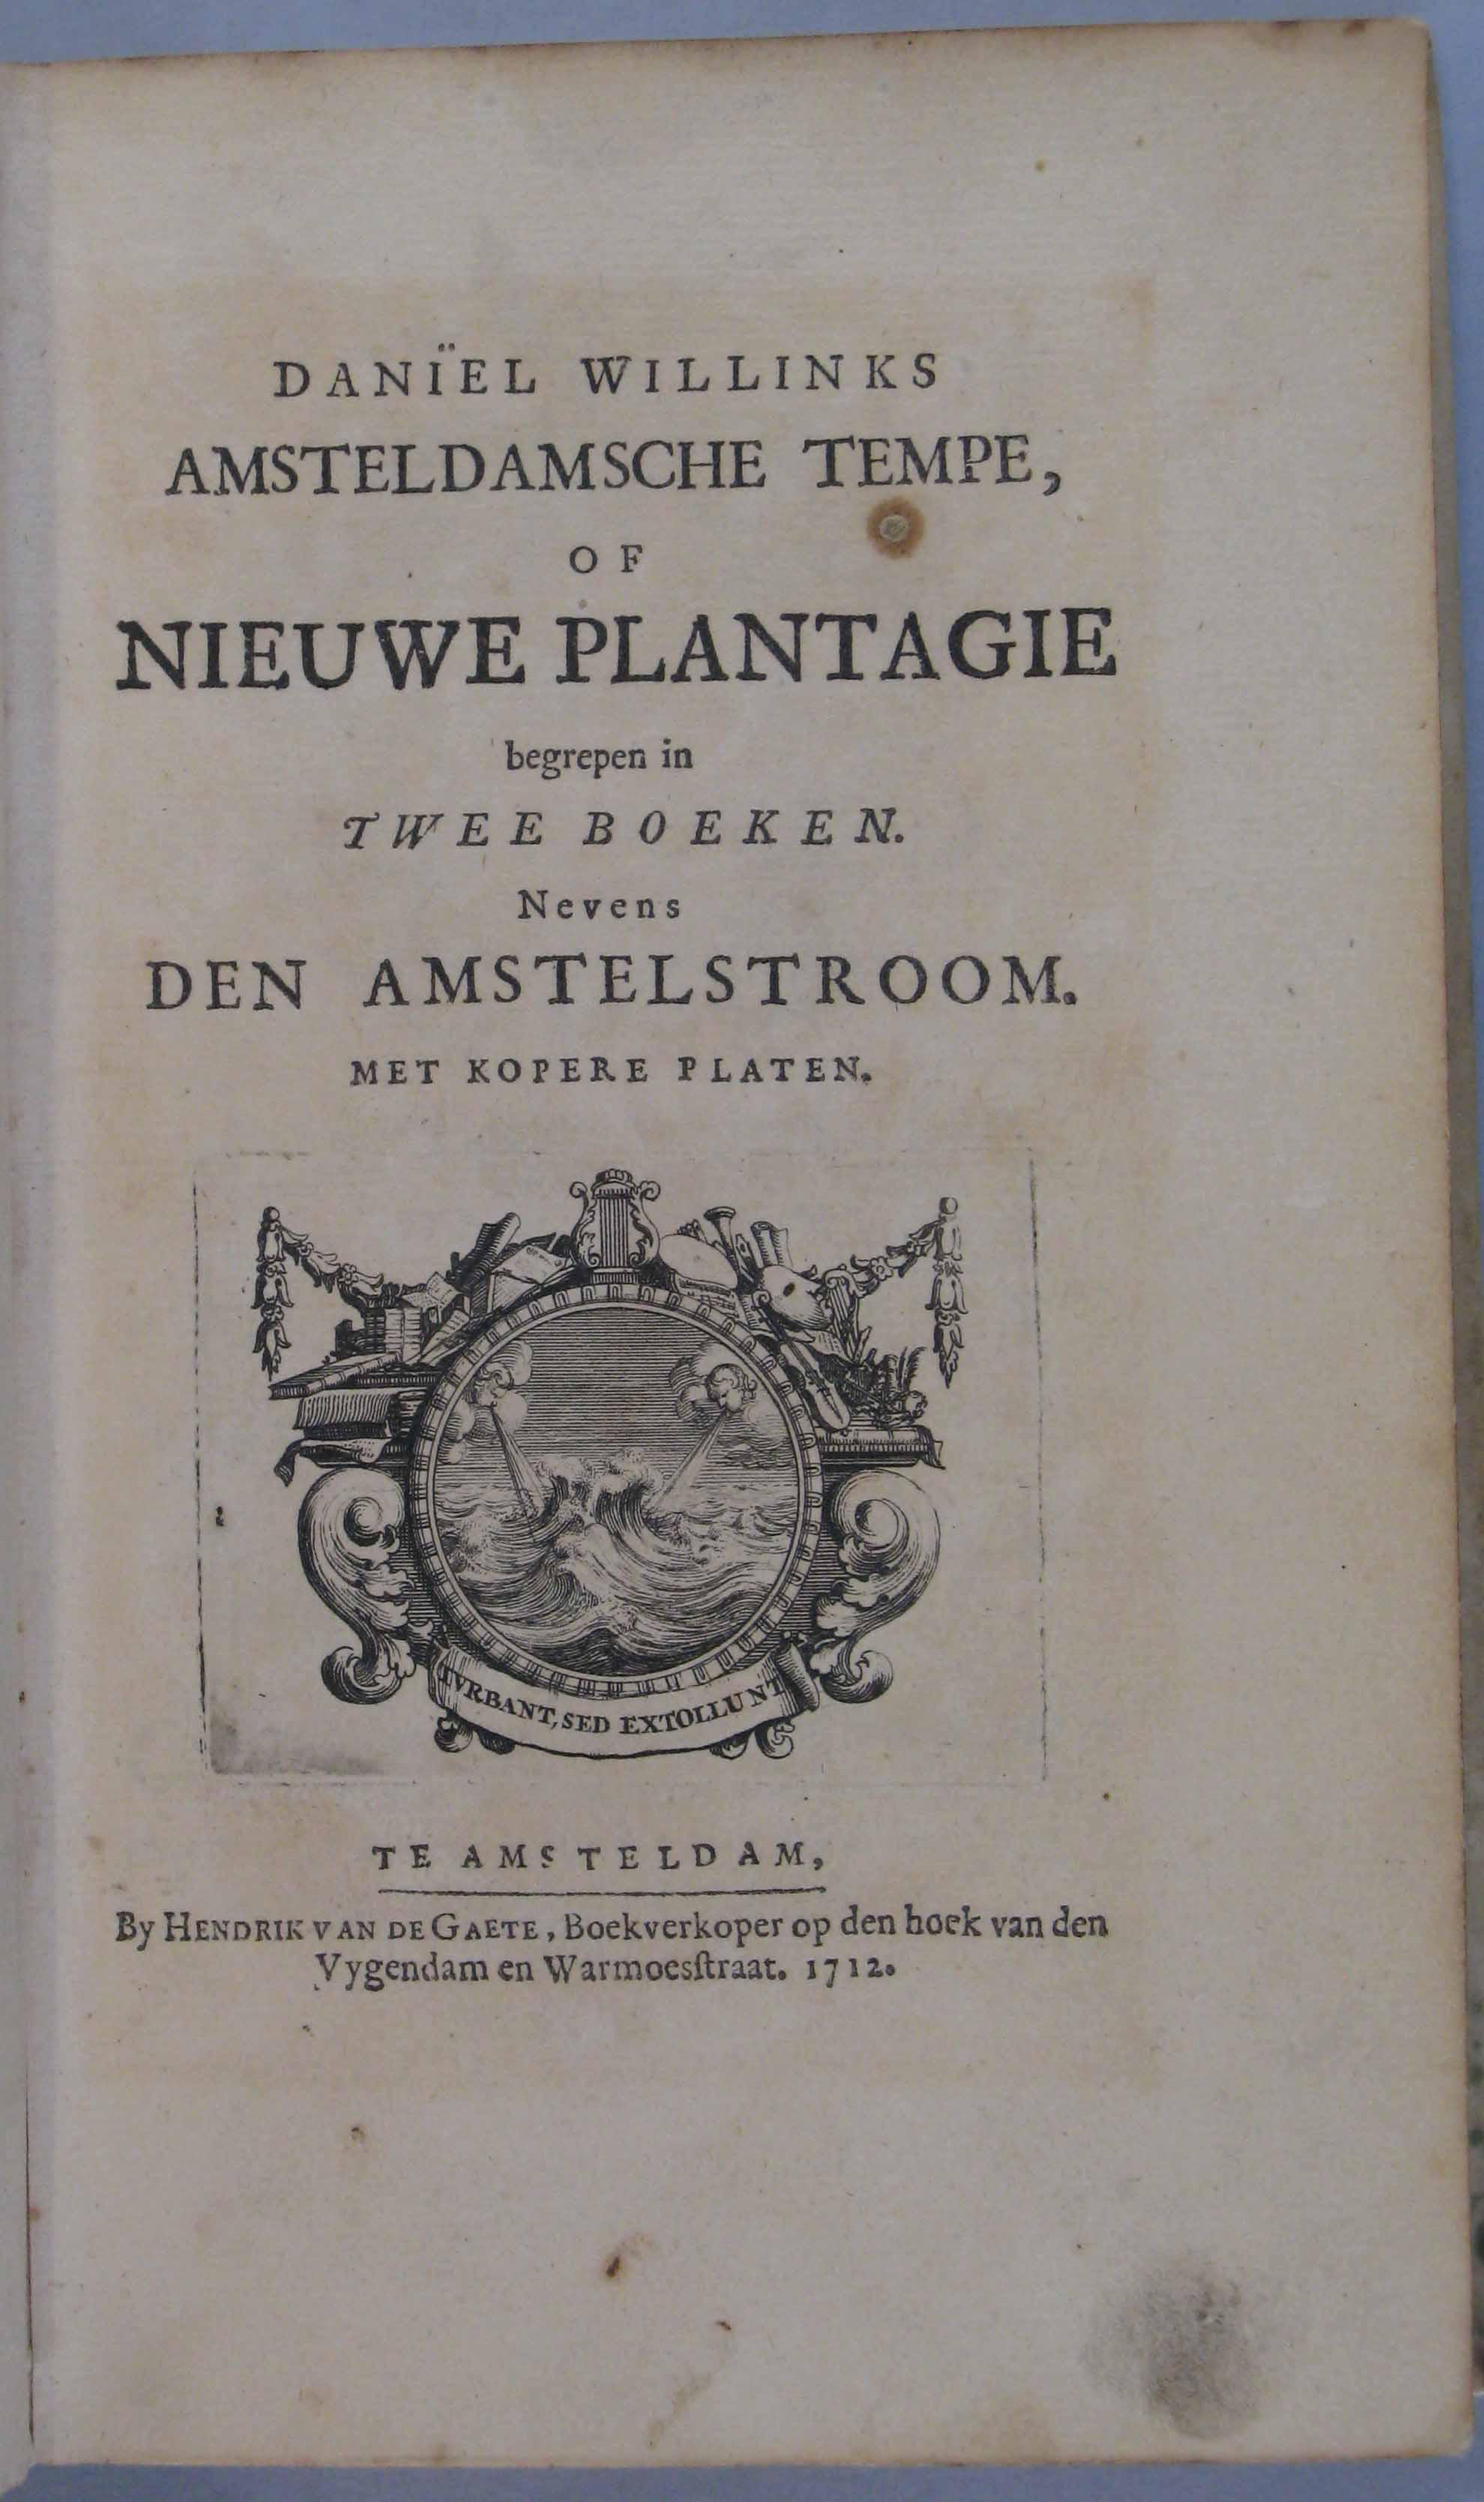 Daniël Willinks Amsteldamsche Tempe of Nieuwe Plantage, begrepen in twee boeken. Nevens den Amstelstroom. Met kopere platen.